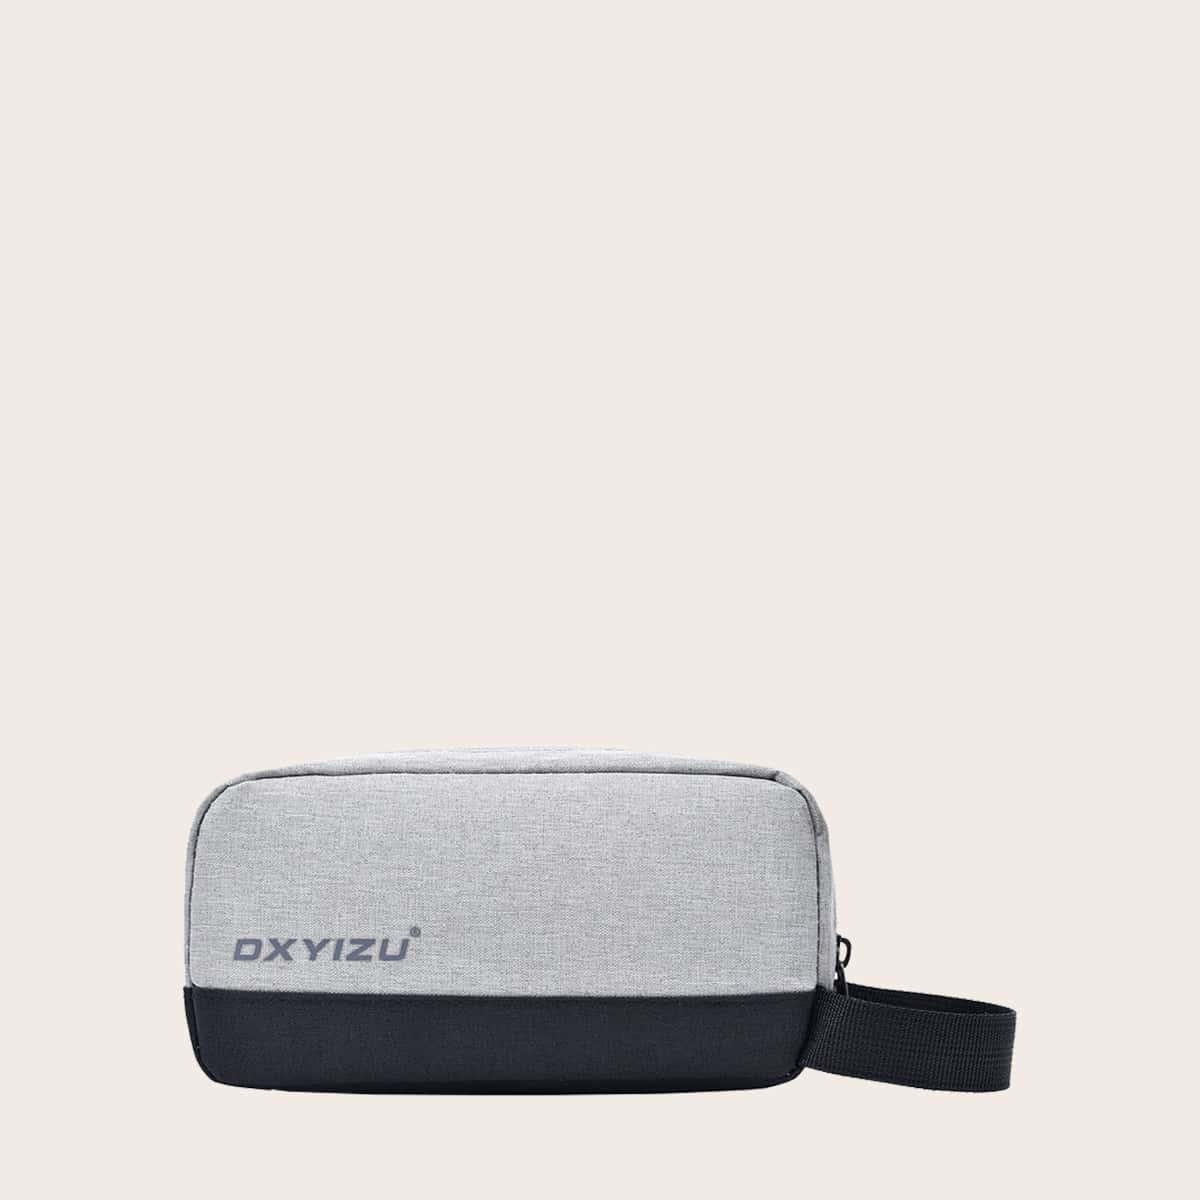 Мужская сумка-клатч с текстовым принтом